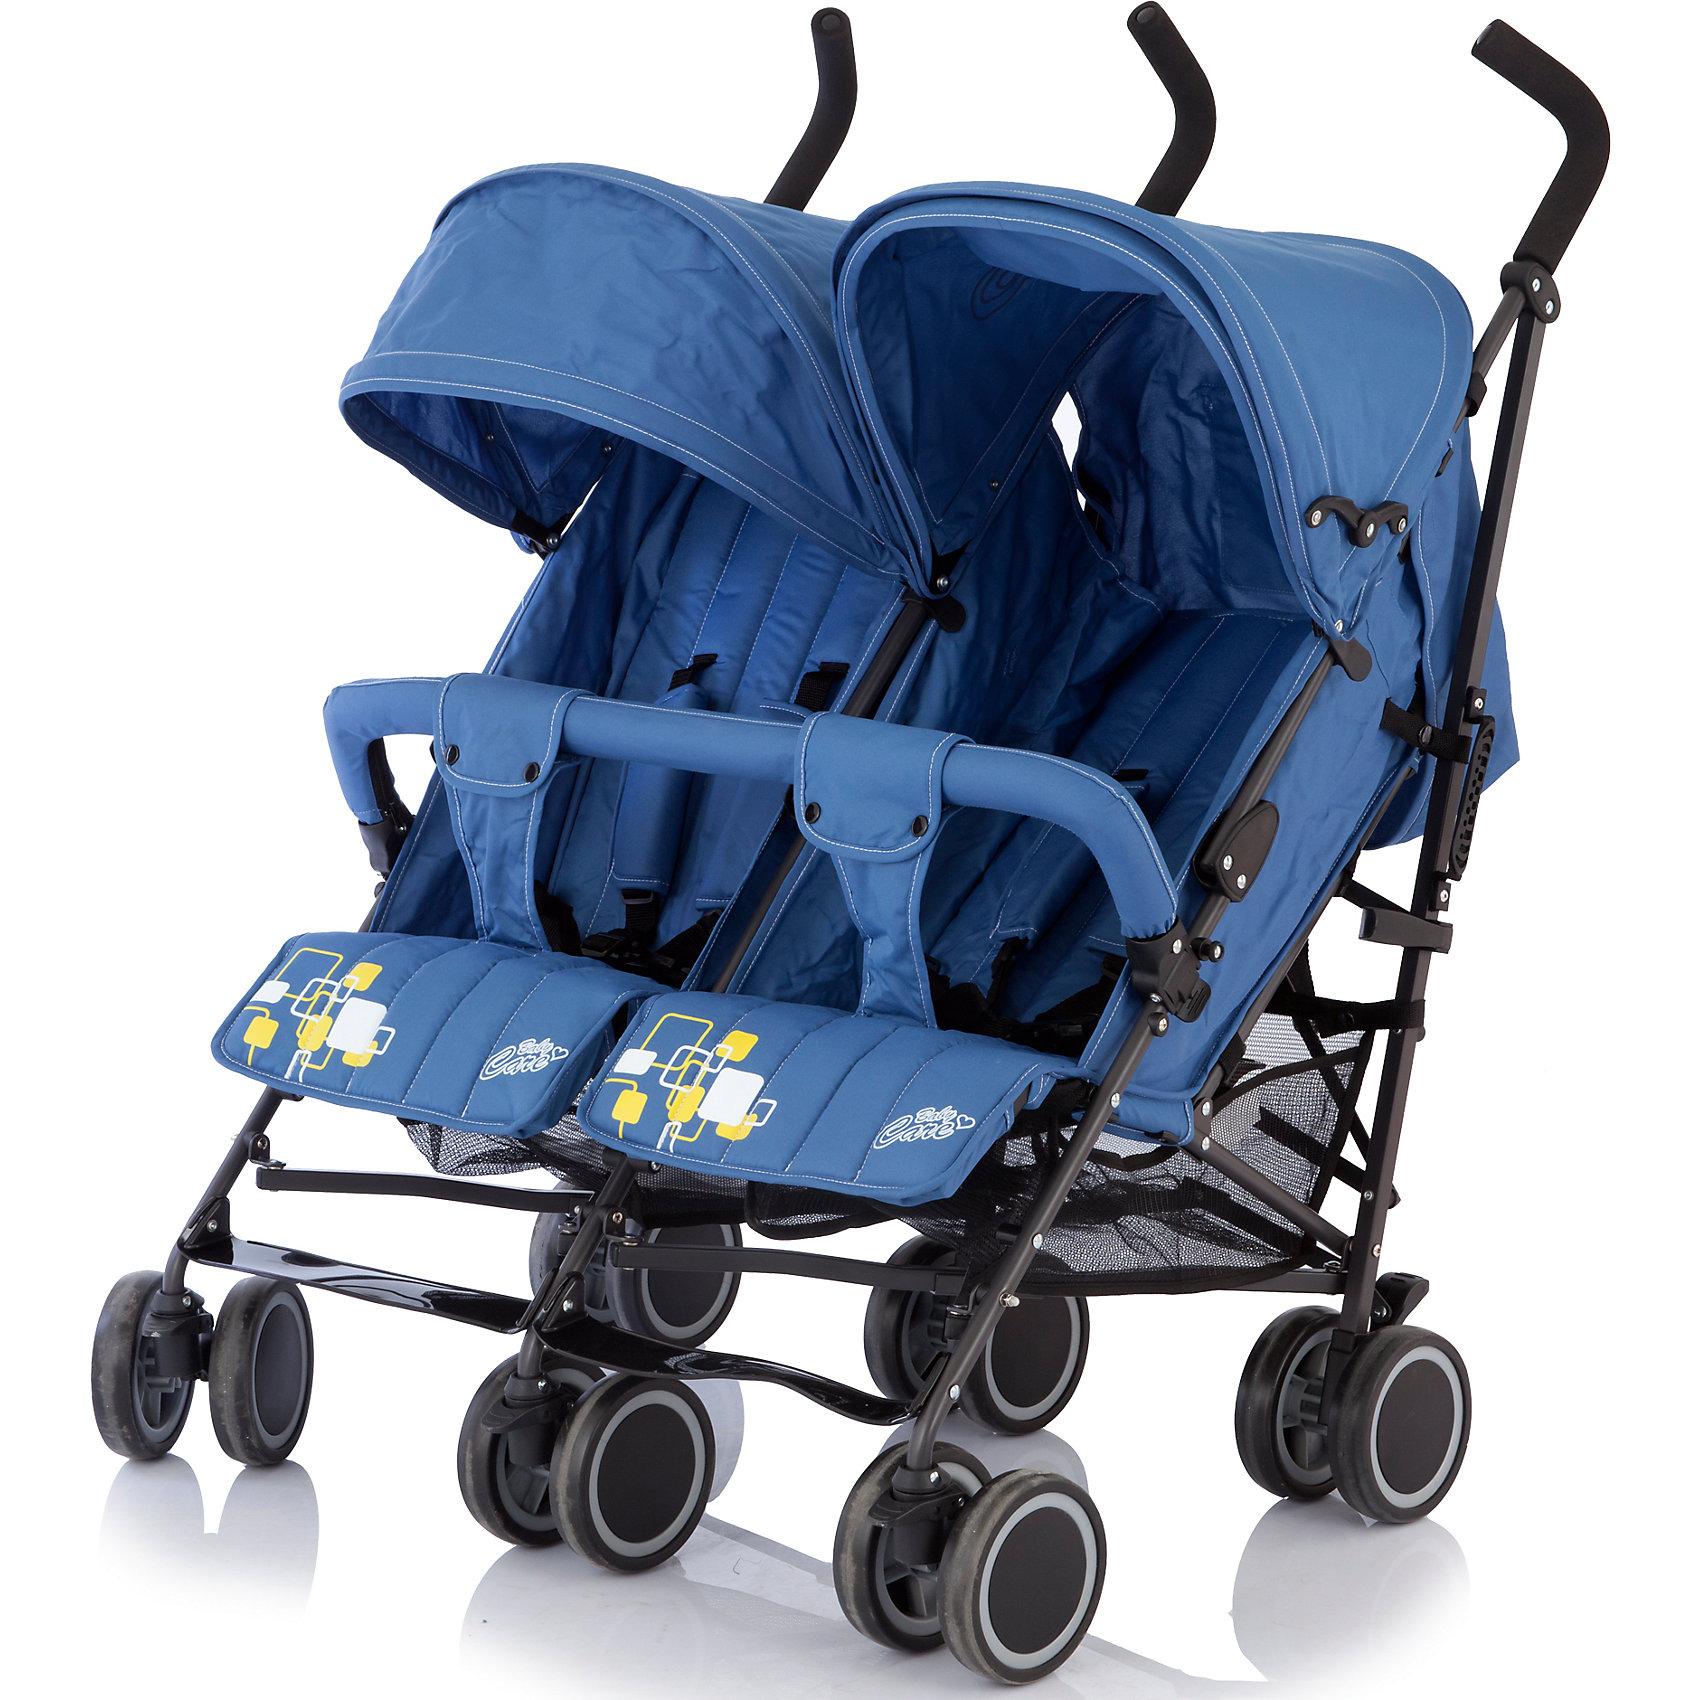 Коляска-трость для двойни Baby Care Citi Twin, синийКоляски-трости<br>Baby Care Citi Twin – сверхлегкая коляска-трость для двойни. Идеальный вариант для путешествий или летних городских прогулок.  Данная модель вобрала в себя весь необходимый функционал трости Baby Care City Style и значительно улучшила его. Рама установлена на шести парах сдвоенных колес, что делает ее максимально маневренной и устойчивой на любой поверхности. Спинки, подножки и глубокие козырьки на обоих сиденьях регулируются независимо друг от друга. Есть возможность получить два почти горизонтальных спальных места (до 170 градусов), для комфортного отдыха малышей. Бампер, как и чехол на ножки – один на двоих. Коляска легко и компактно складывается, имеет удобную ручку для переноски, занимает мало места при хранении и транспортировке.<br><br>Дополнительная информация:<br><br>- Для двойни.<br>- Расположение блоков: рядом.<br>- Механизм складывания: трость.<br>- Комплектация: коляска, чехол на ножки, дождевик.<br>- Материал: металл, пластик, текстиль, резина.<br>- Размер колесной базы: 85 см.<br>- Длина колесной базы: 53 см<br>- Ширина сидений: 34х19 см.<br>- Размер спального места: 78х34 см.<br>- Вес: 14 кг<br>- Количество колес: 6 (сдвоенные).<br>- Диаметр колес: 15 см.<br>- Цвет: синий.<br>- Передние колеса поворотные, с возможностью блокировки.<br>- Стояночный тормоз.<br>- 5-ти точечные ремни безопасности.<br>- Съемный бампер.<br>- Регулировка спинки в 3 положениях. <br>- Регулируются независимо друг от друга: спинка, подножка, козырек.<br>- Один на двоих: бампер, чехол на ножки.<br>- Регулируемые подножки.<br>- Солнцезащитный козырек.<br>- Вместительная корзина для покупок.<br><br>Коляску-трость для двойни Citi Twin, Baby Care, синюю, можно купить в нашем магазине.<br><br>Ширина мм: 1060<br>Глубина мм: 390<br>Высота мм: 220<br>Вес г: 16000<br>Возраст от месяцев: 6<br>Возраст до месяцев: 36<br>Пол: Унисекс<br>Возраст: Детский<br>SKU: 3995830